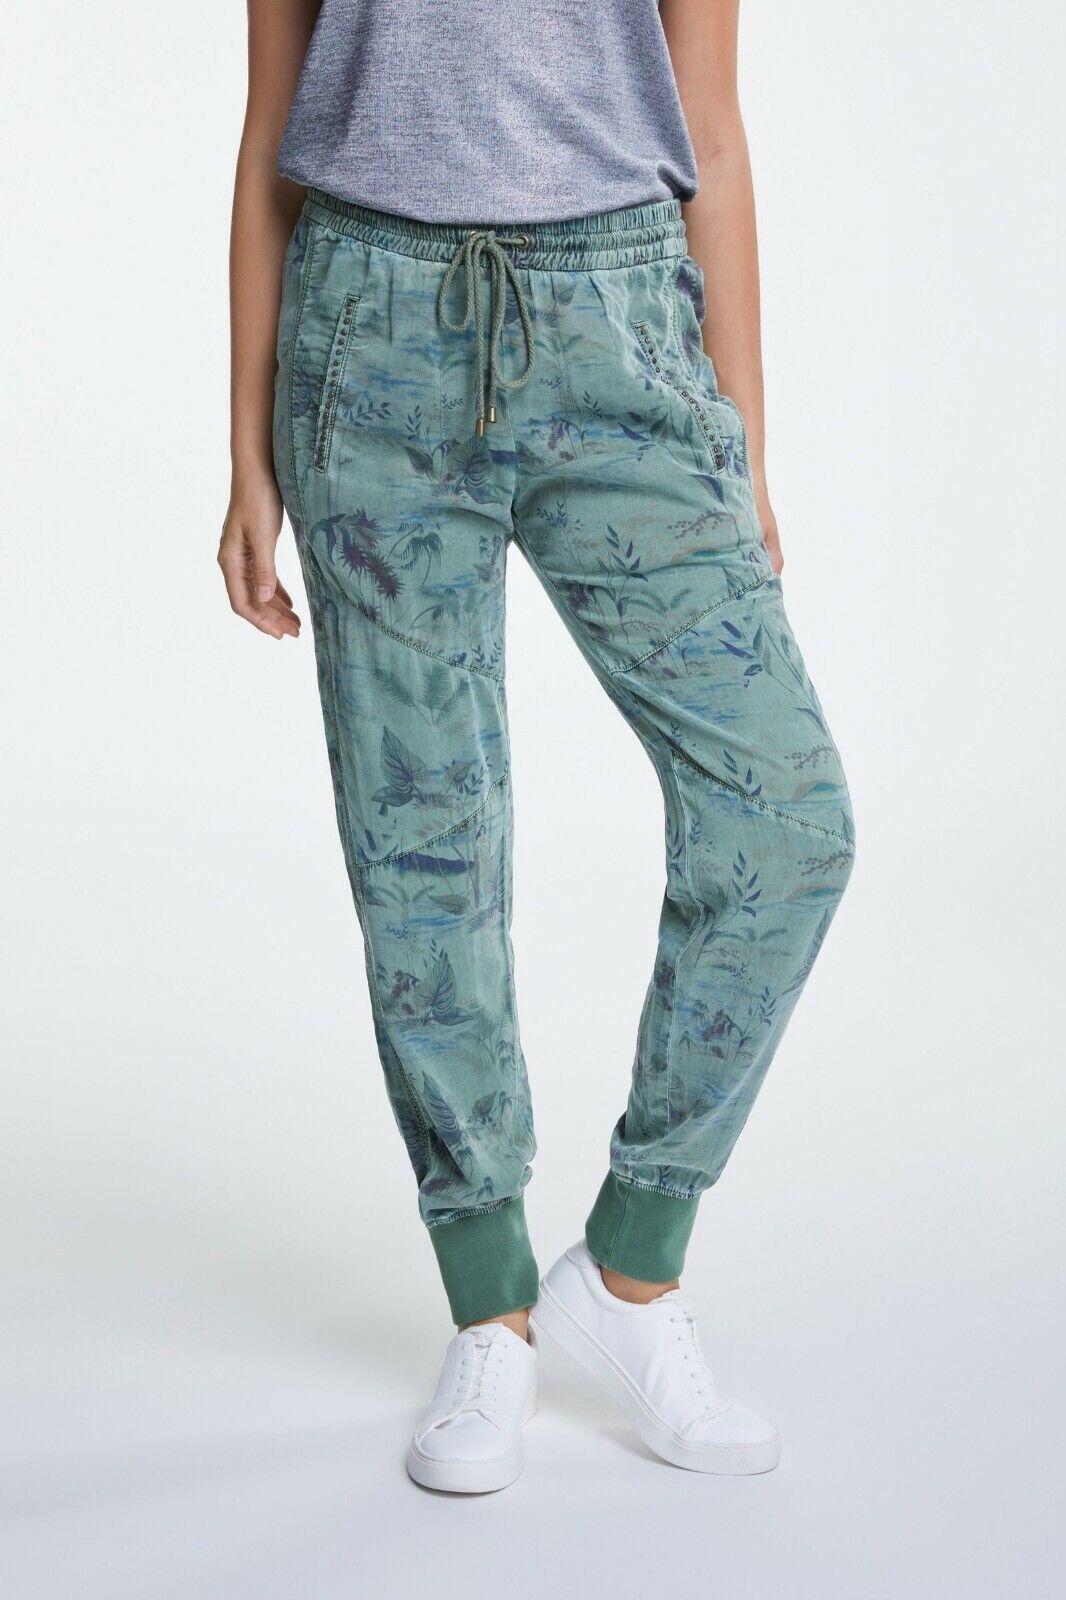 Cargo-Slim-Hose, Marke  oui, Farbe  Khaki, Größe 38, 40